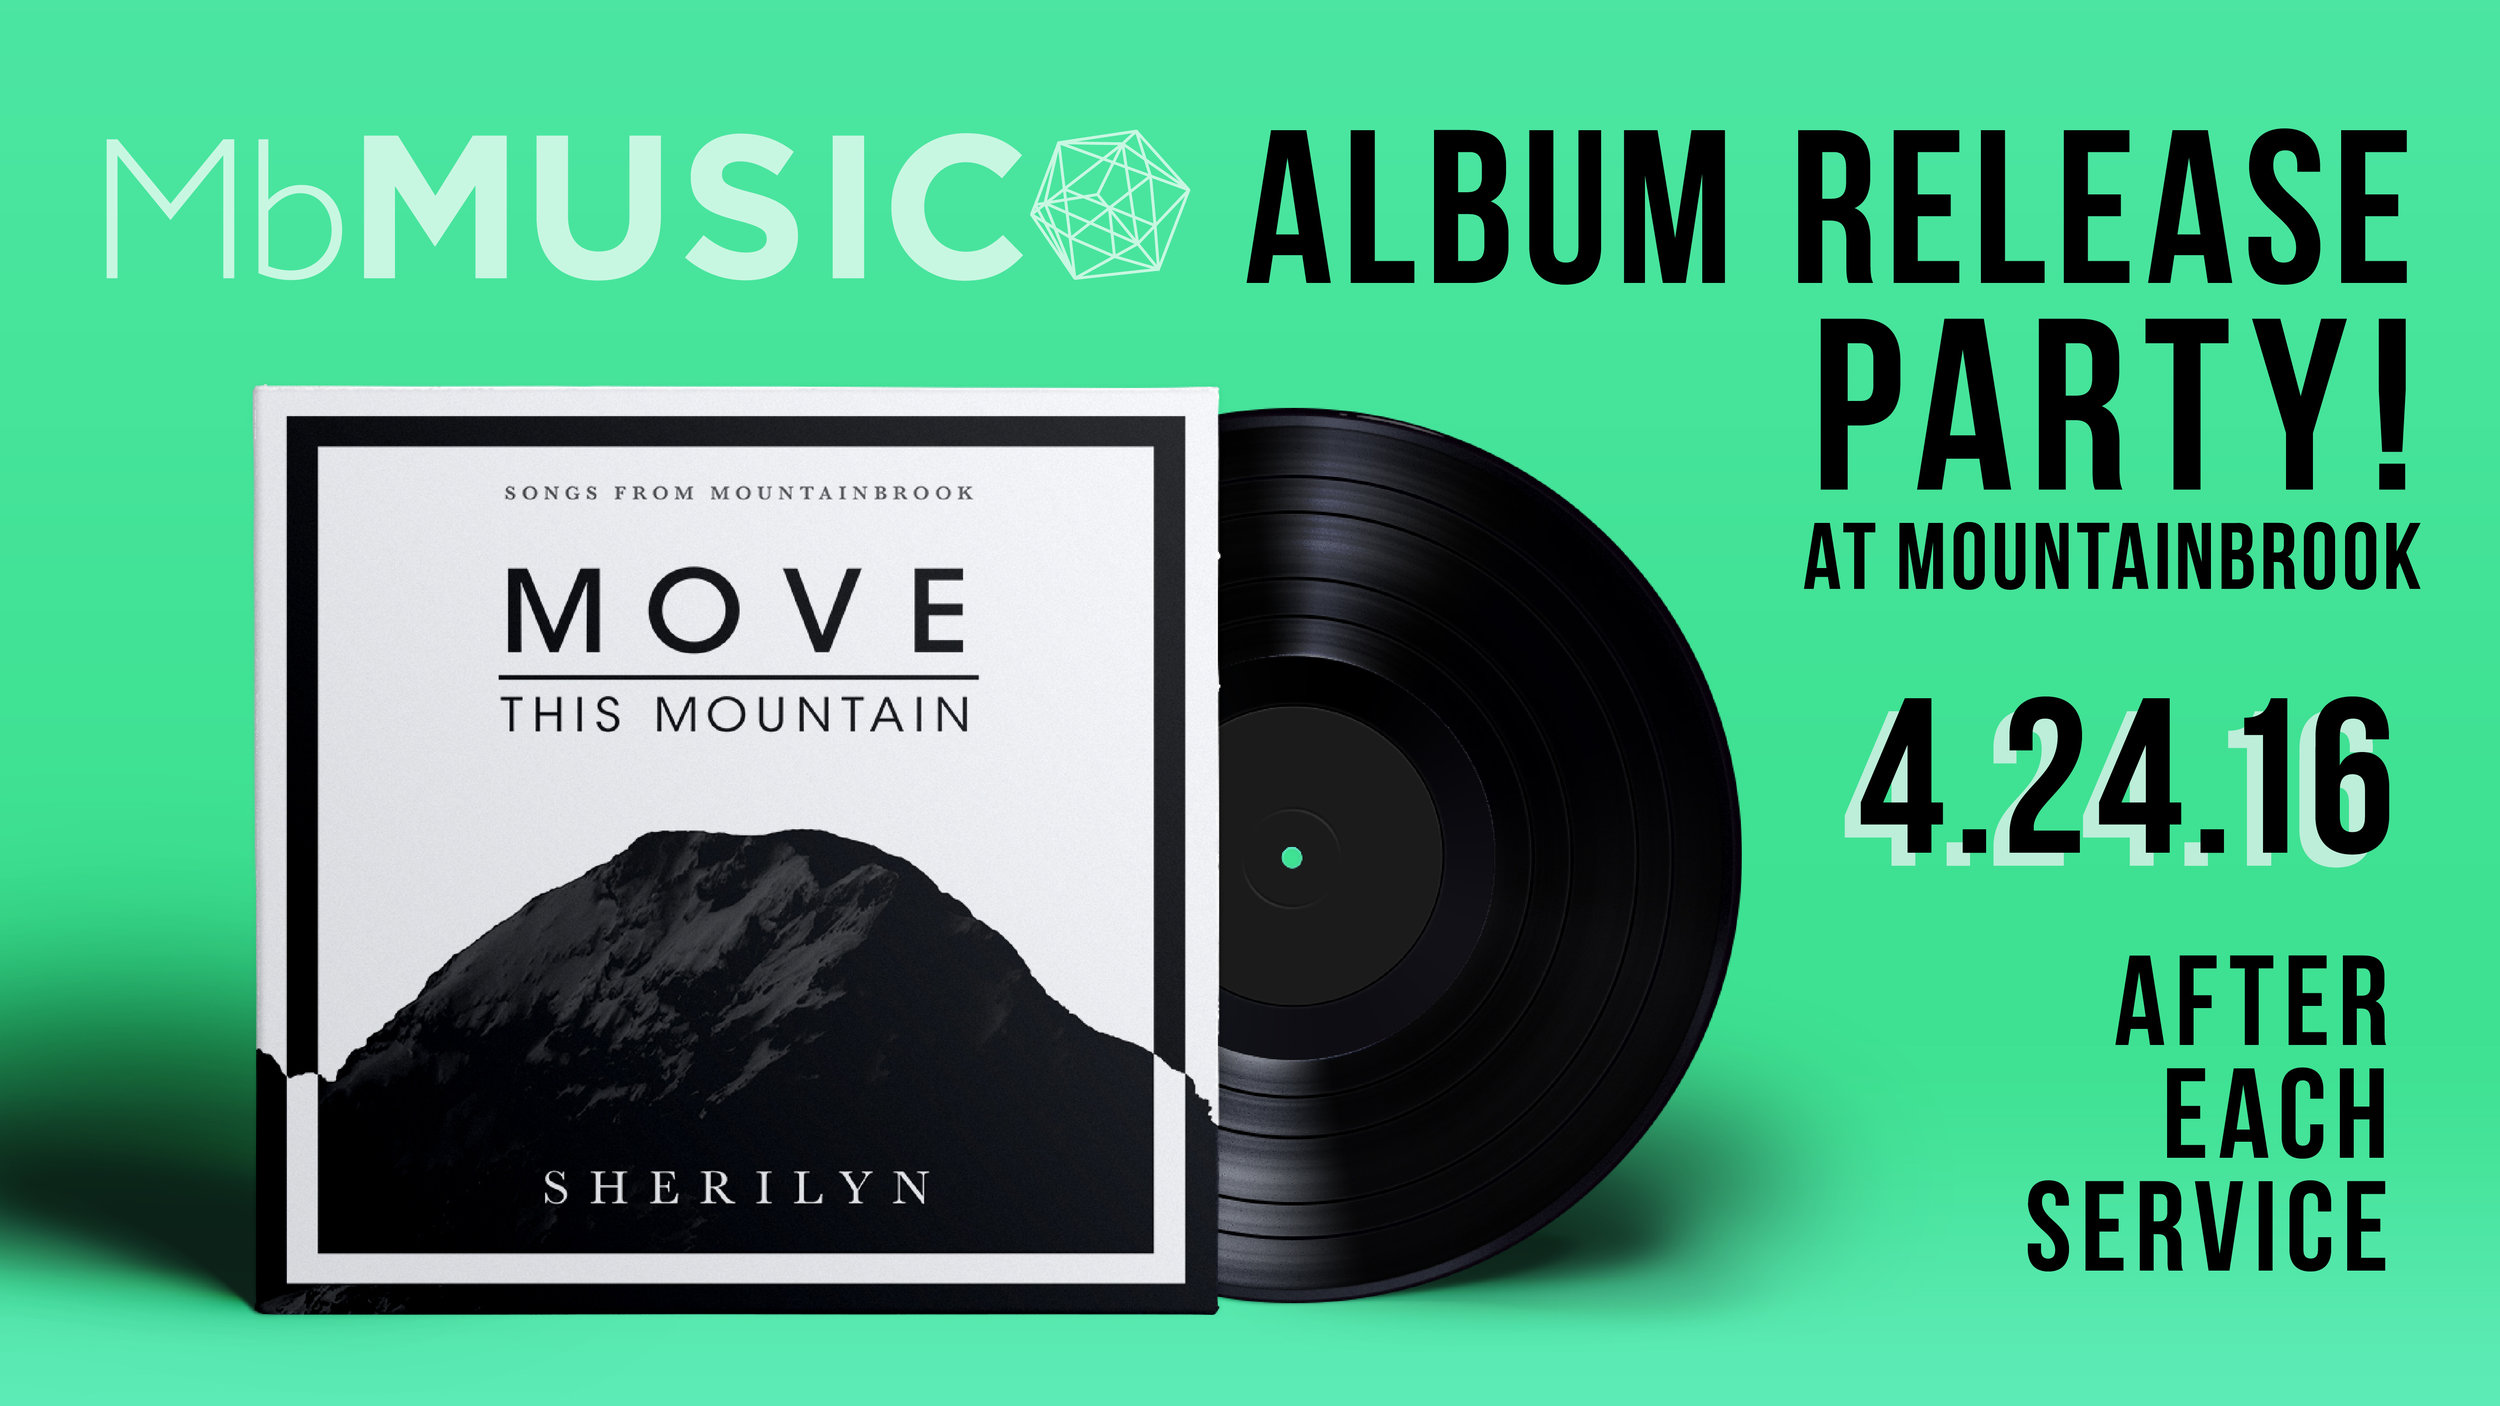 MoveThisMountain_ReleaseParty-01.jpg